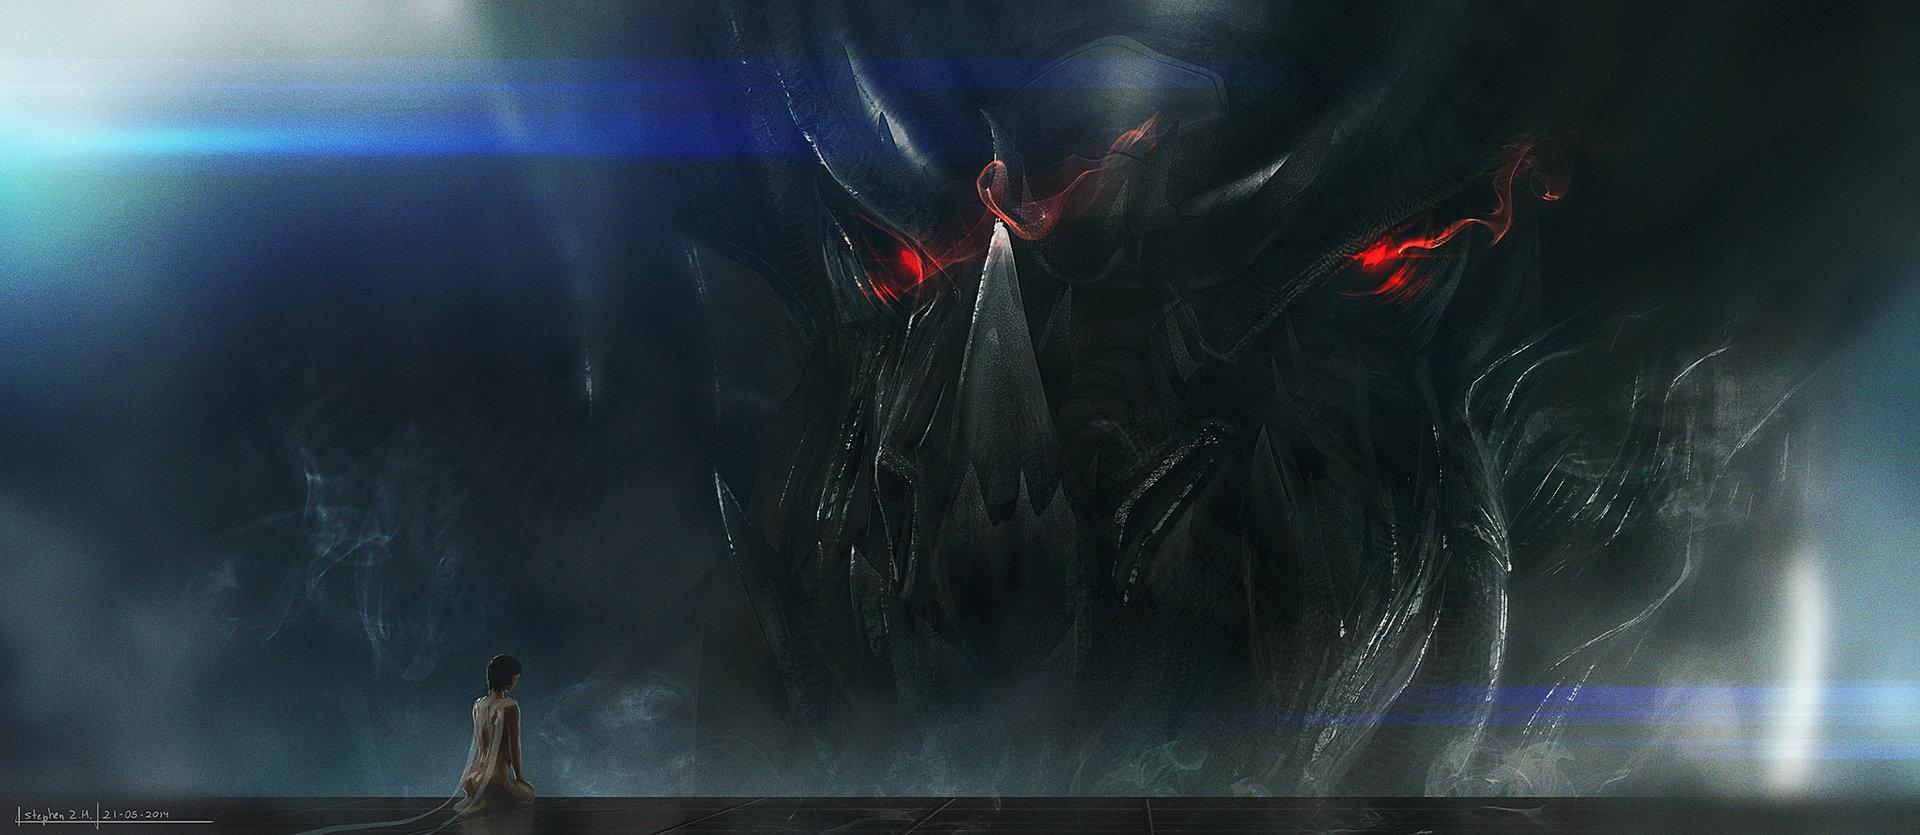 Black god dragoncg2